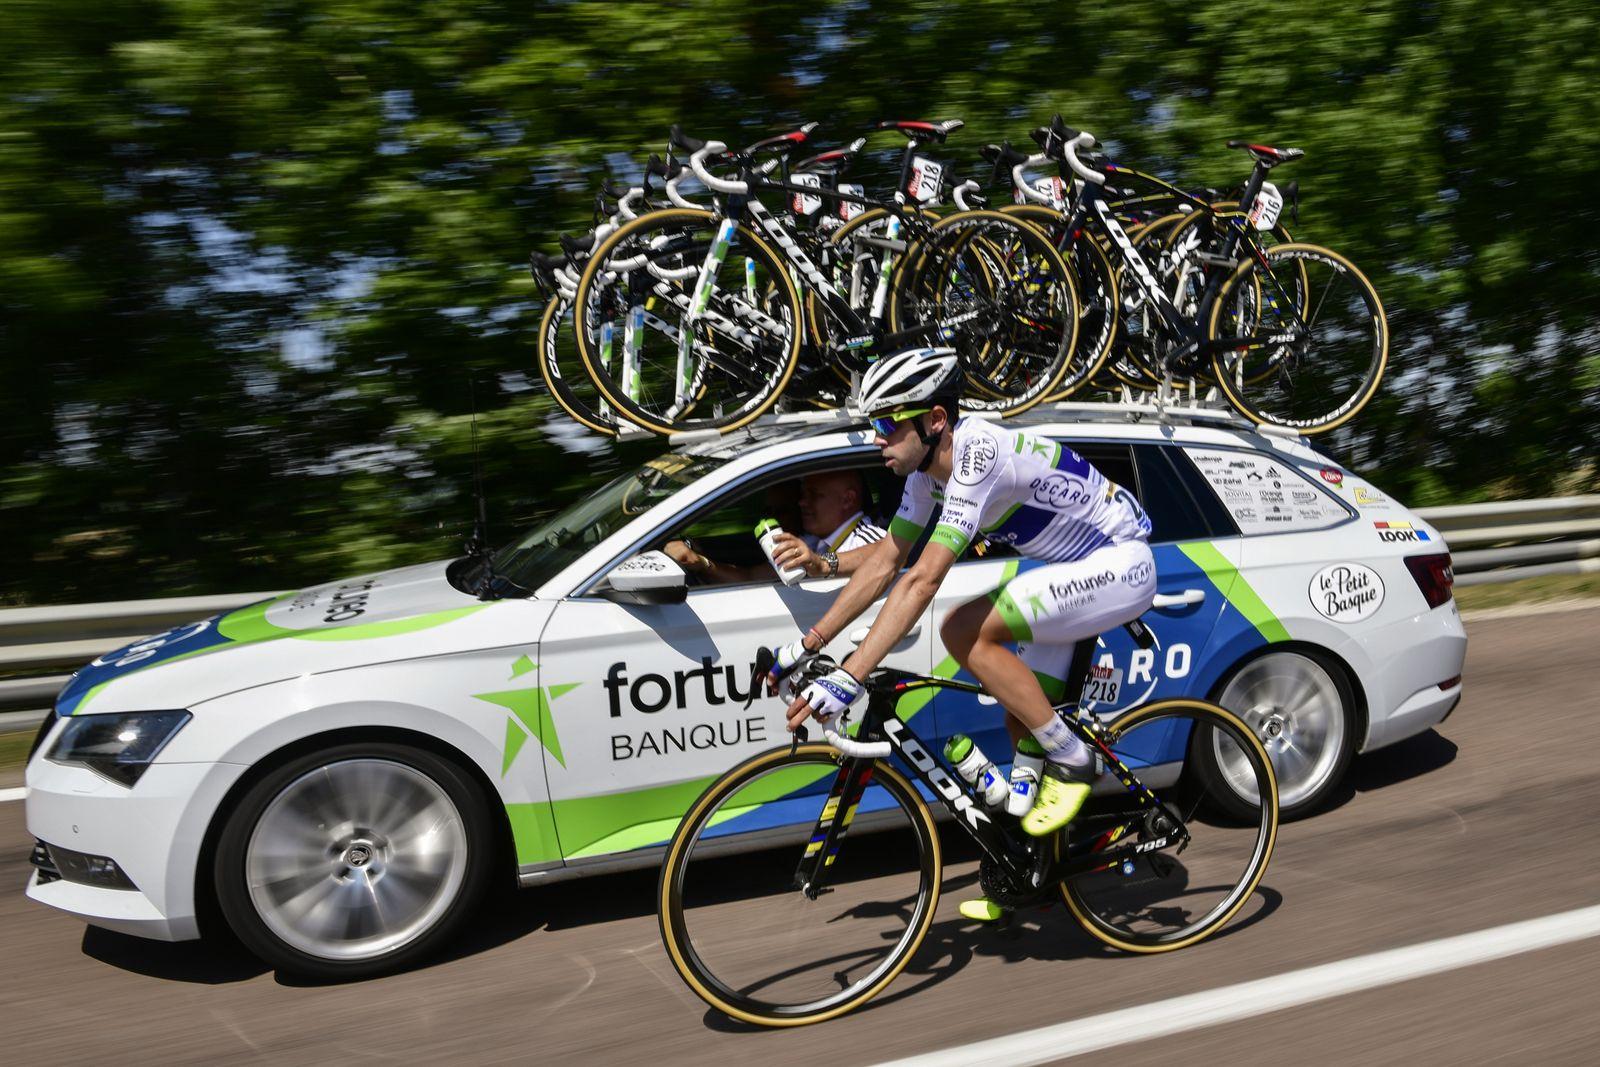 Eduardo Sepulveda / Tour de France / Teamauto